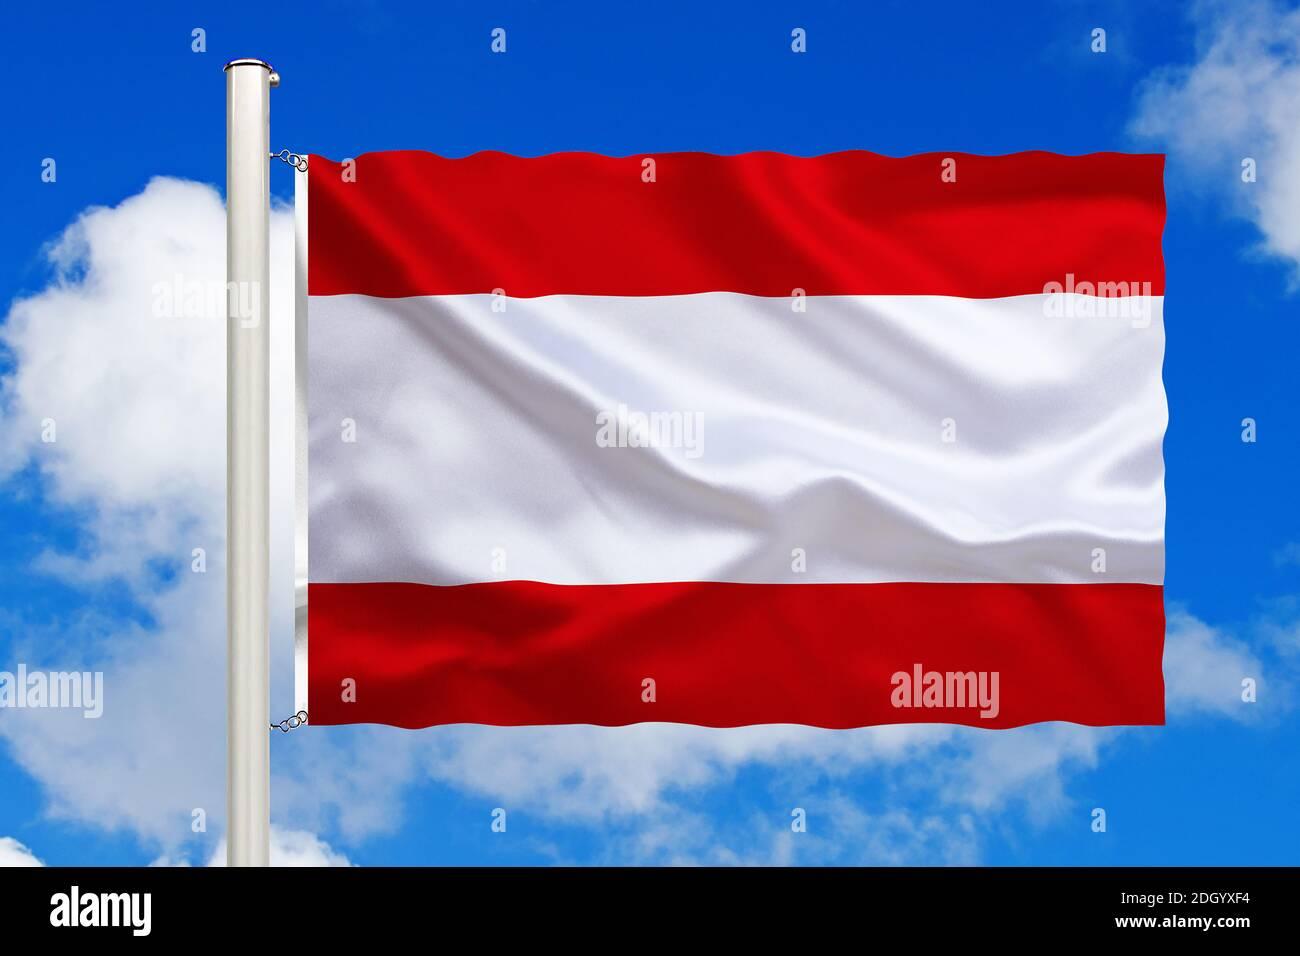 Französich-Polynesien, Tahiti, Südsee, Nationalfahne, Nationalflagge, Fahne, Flagge, Flaggenmast, Cumulus Wolken vor blauen Himmel, Foto Stock